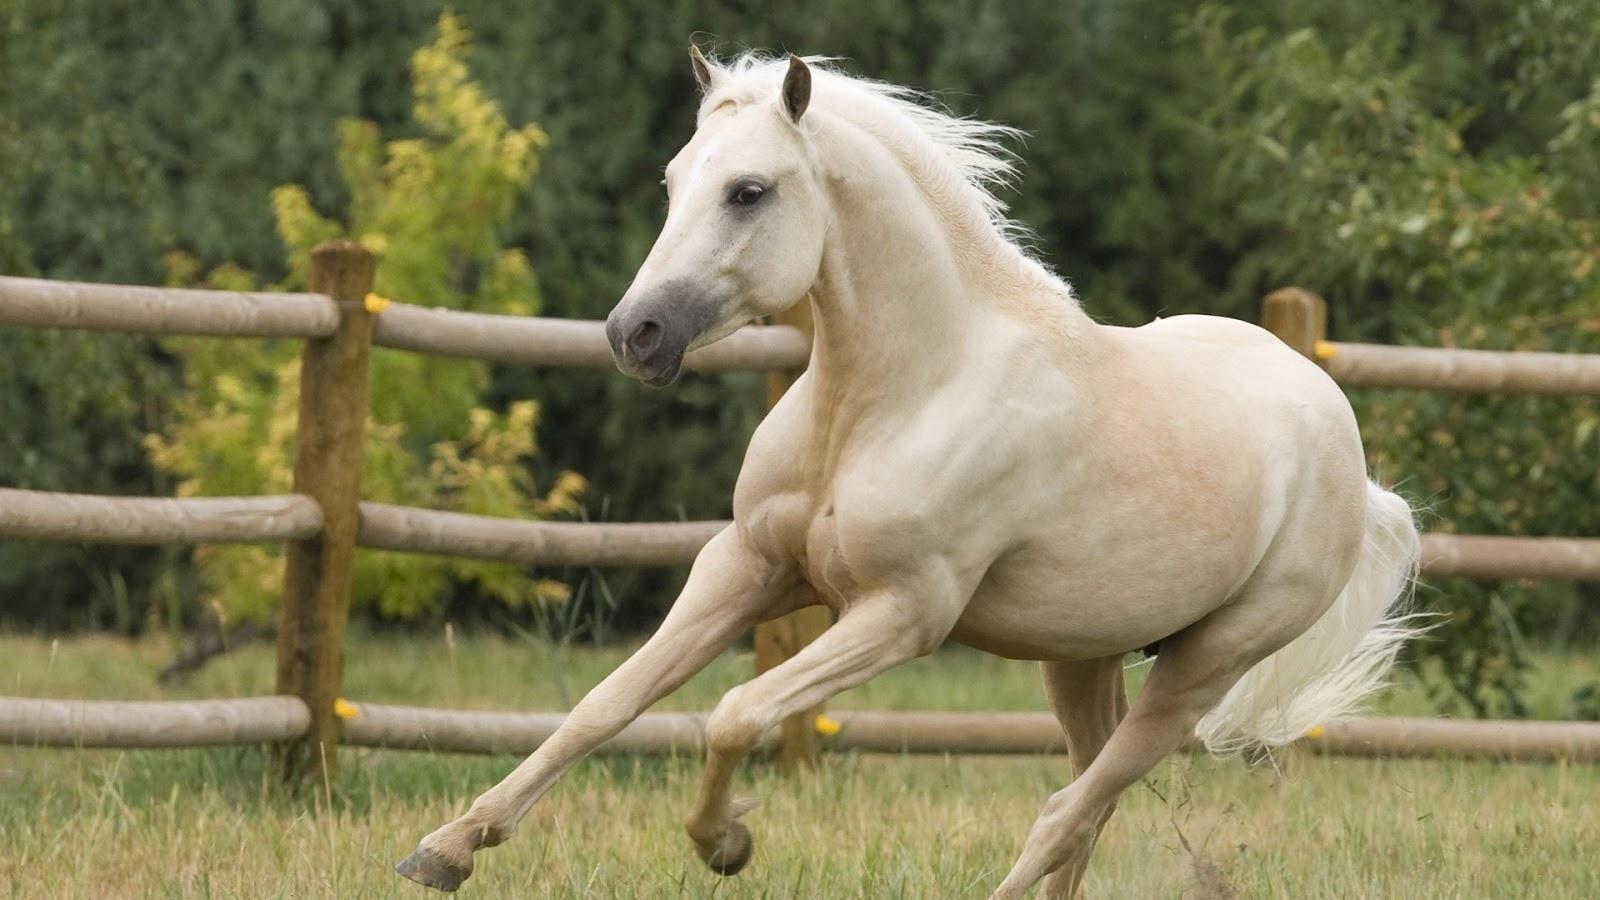 horse running computer wallpaper 59328